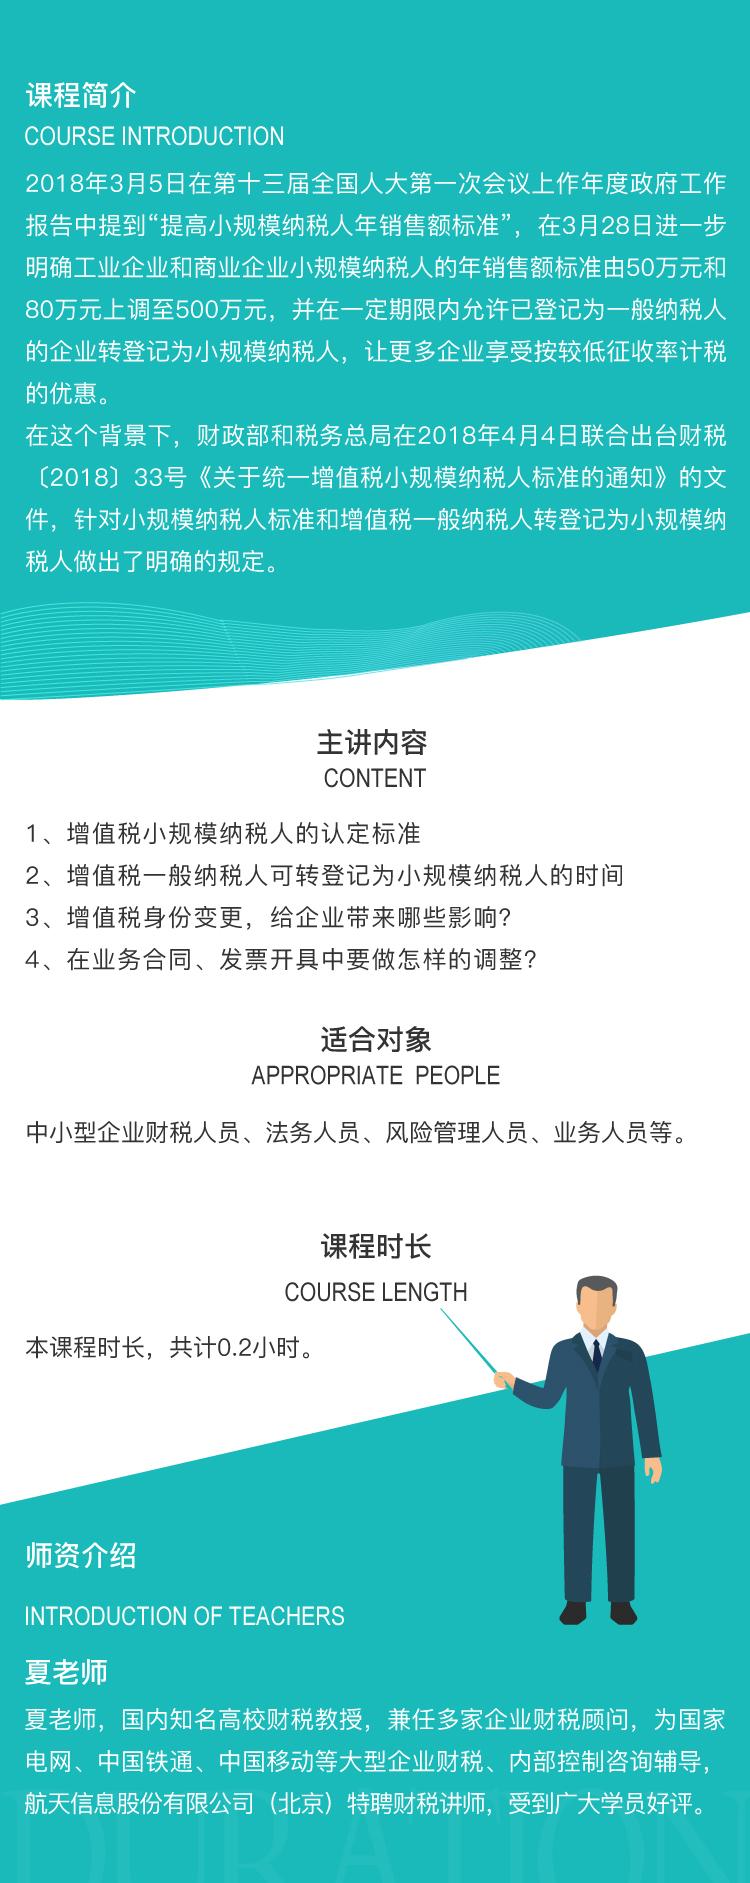 财政部、税务总局关于统一增值税小规模纳税人标准的通知3.4.jpg